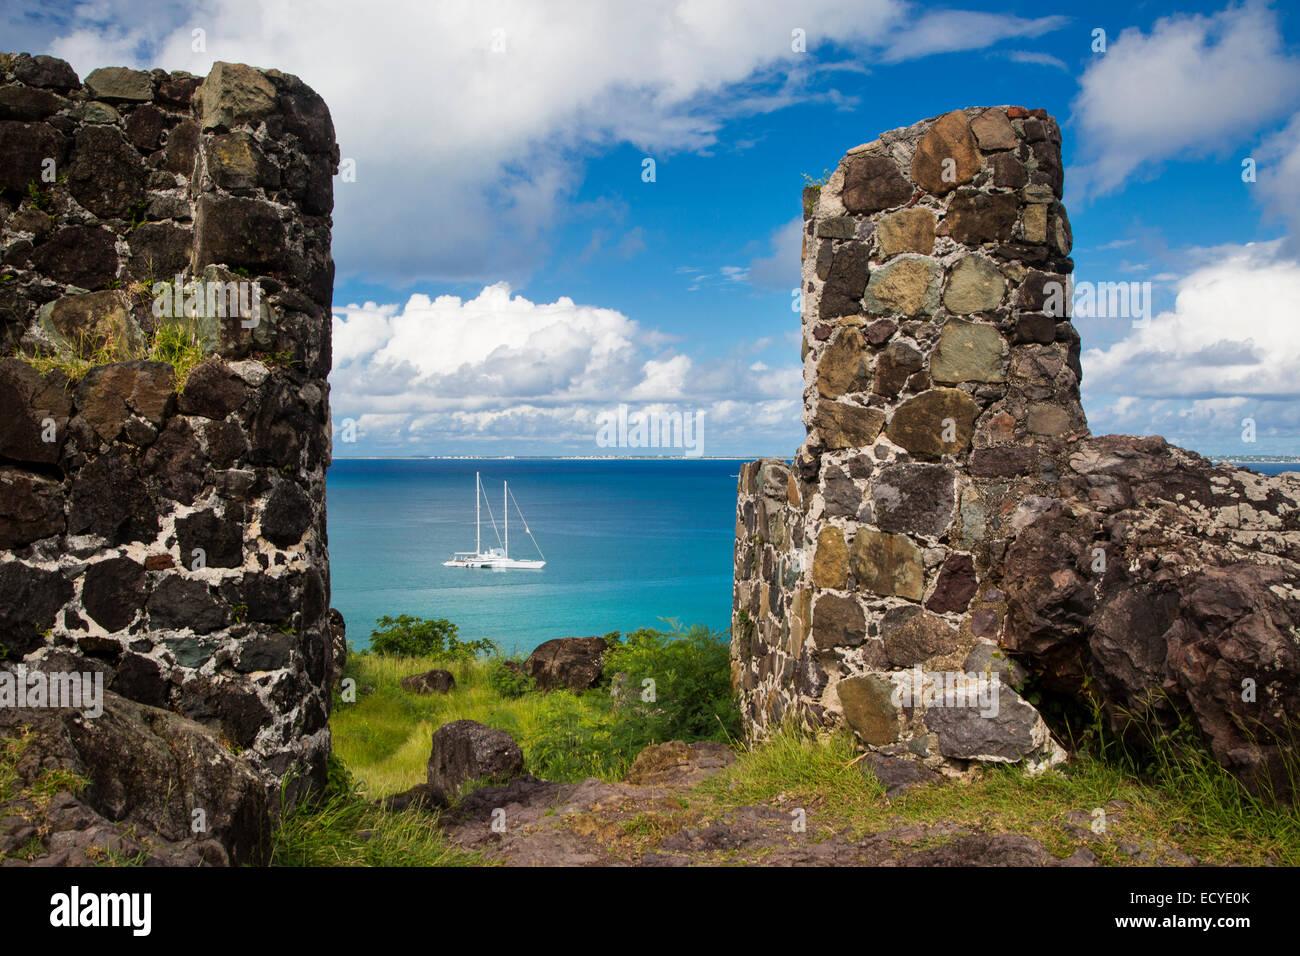 Fort-Louis mit Blick auf Segelboot in Marigot Bay, Marigot, Saint Martin, West Indies Stockbild